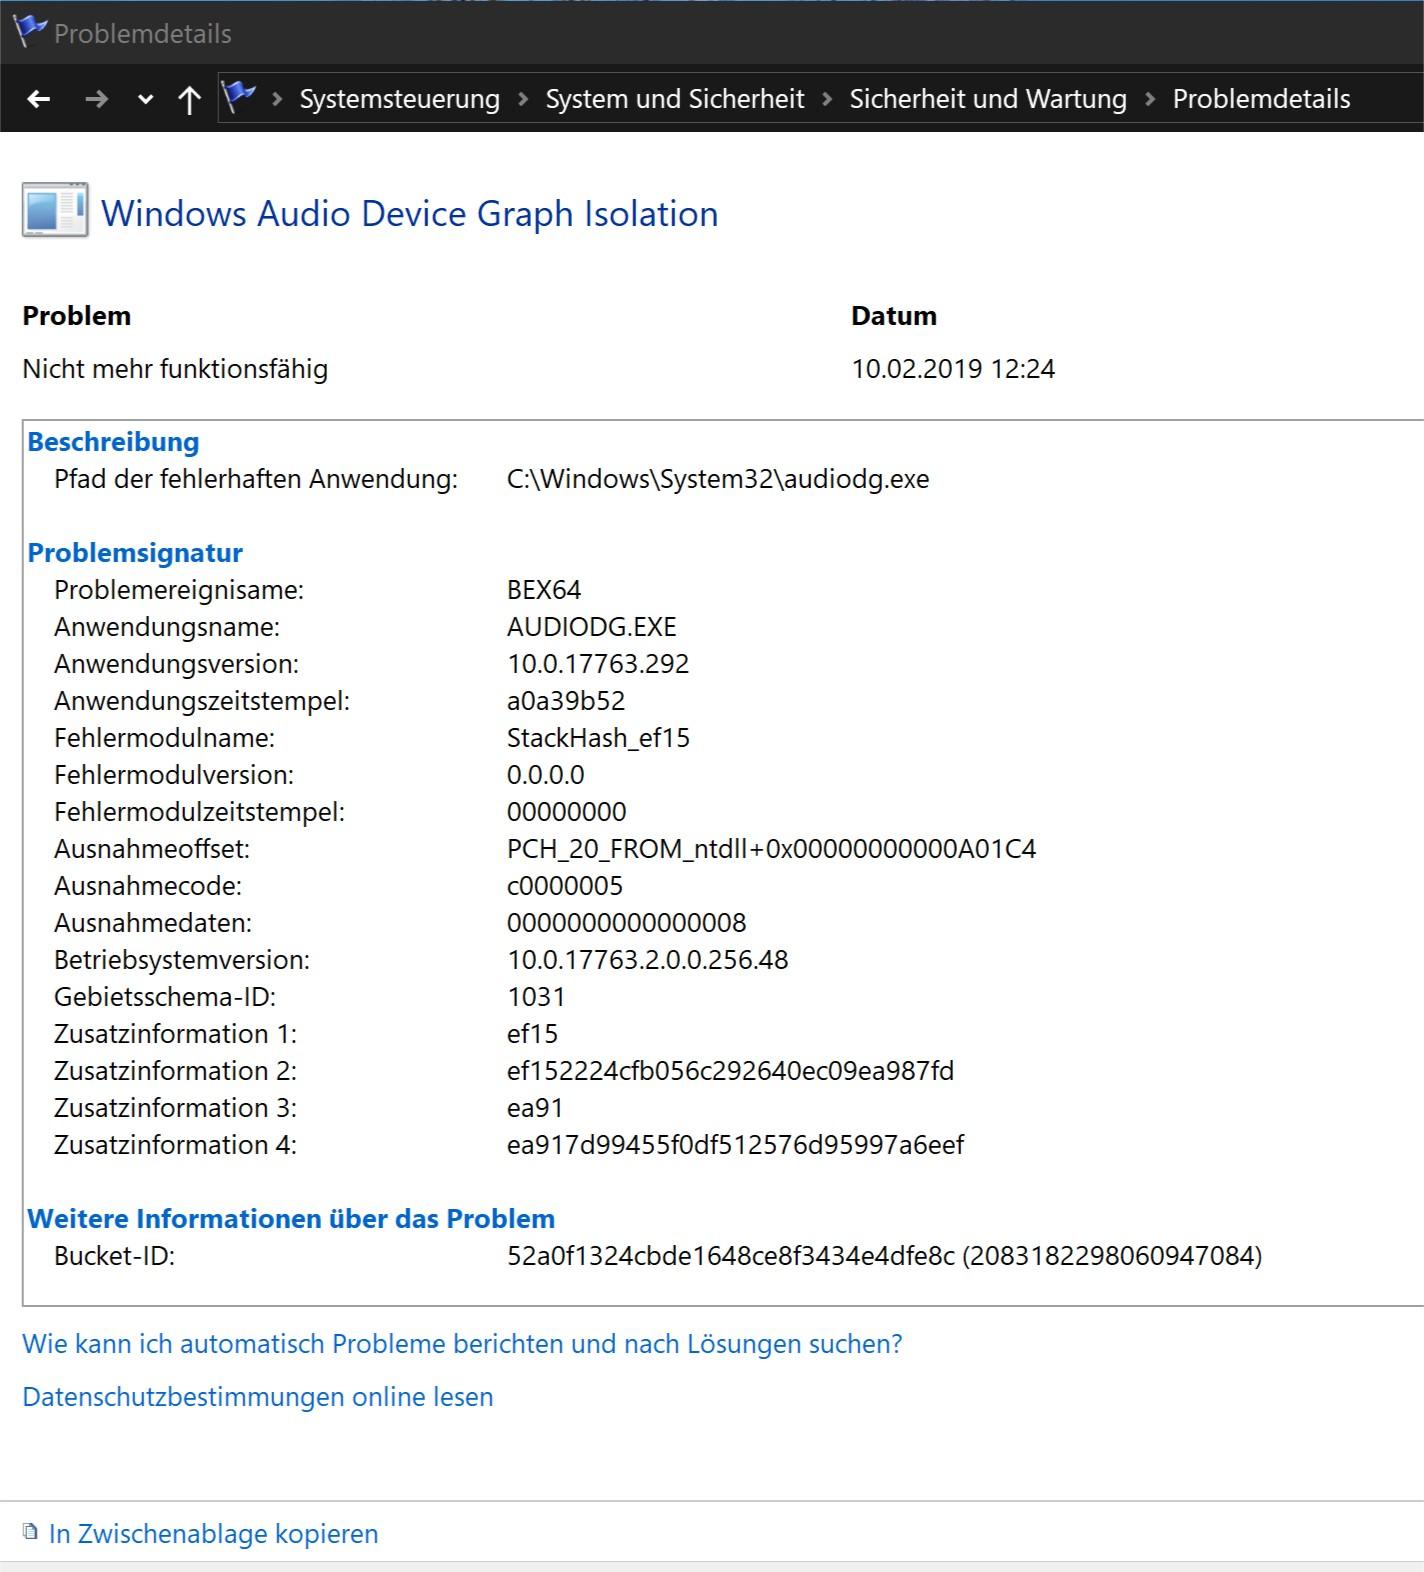 Fehler bei: AUDIODG.EXE  (Realtek Audio)